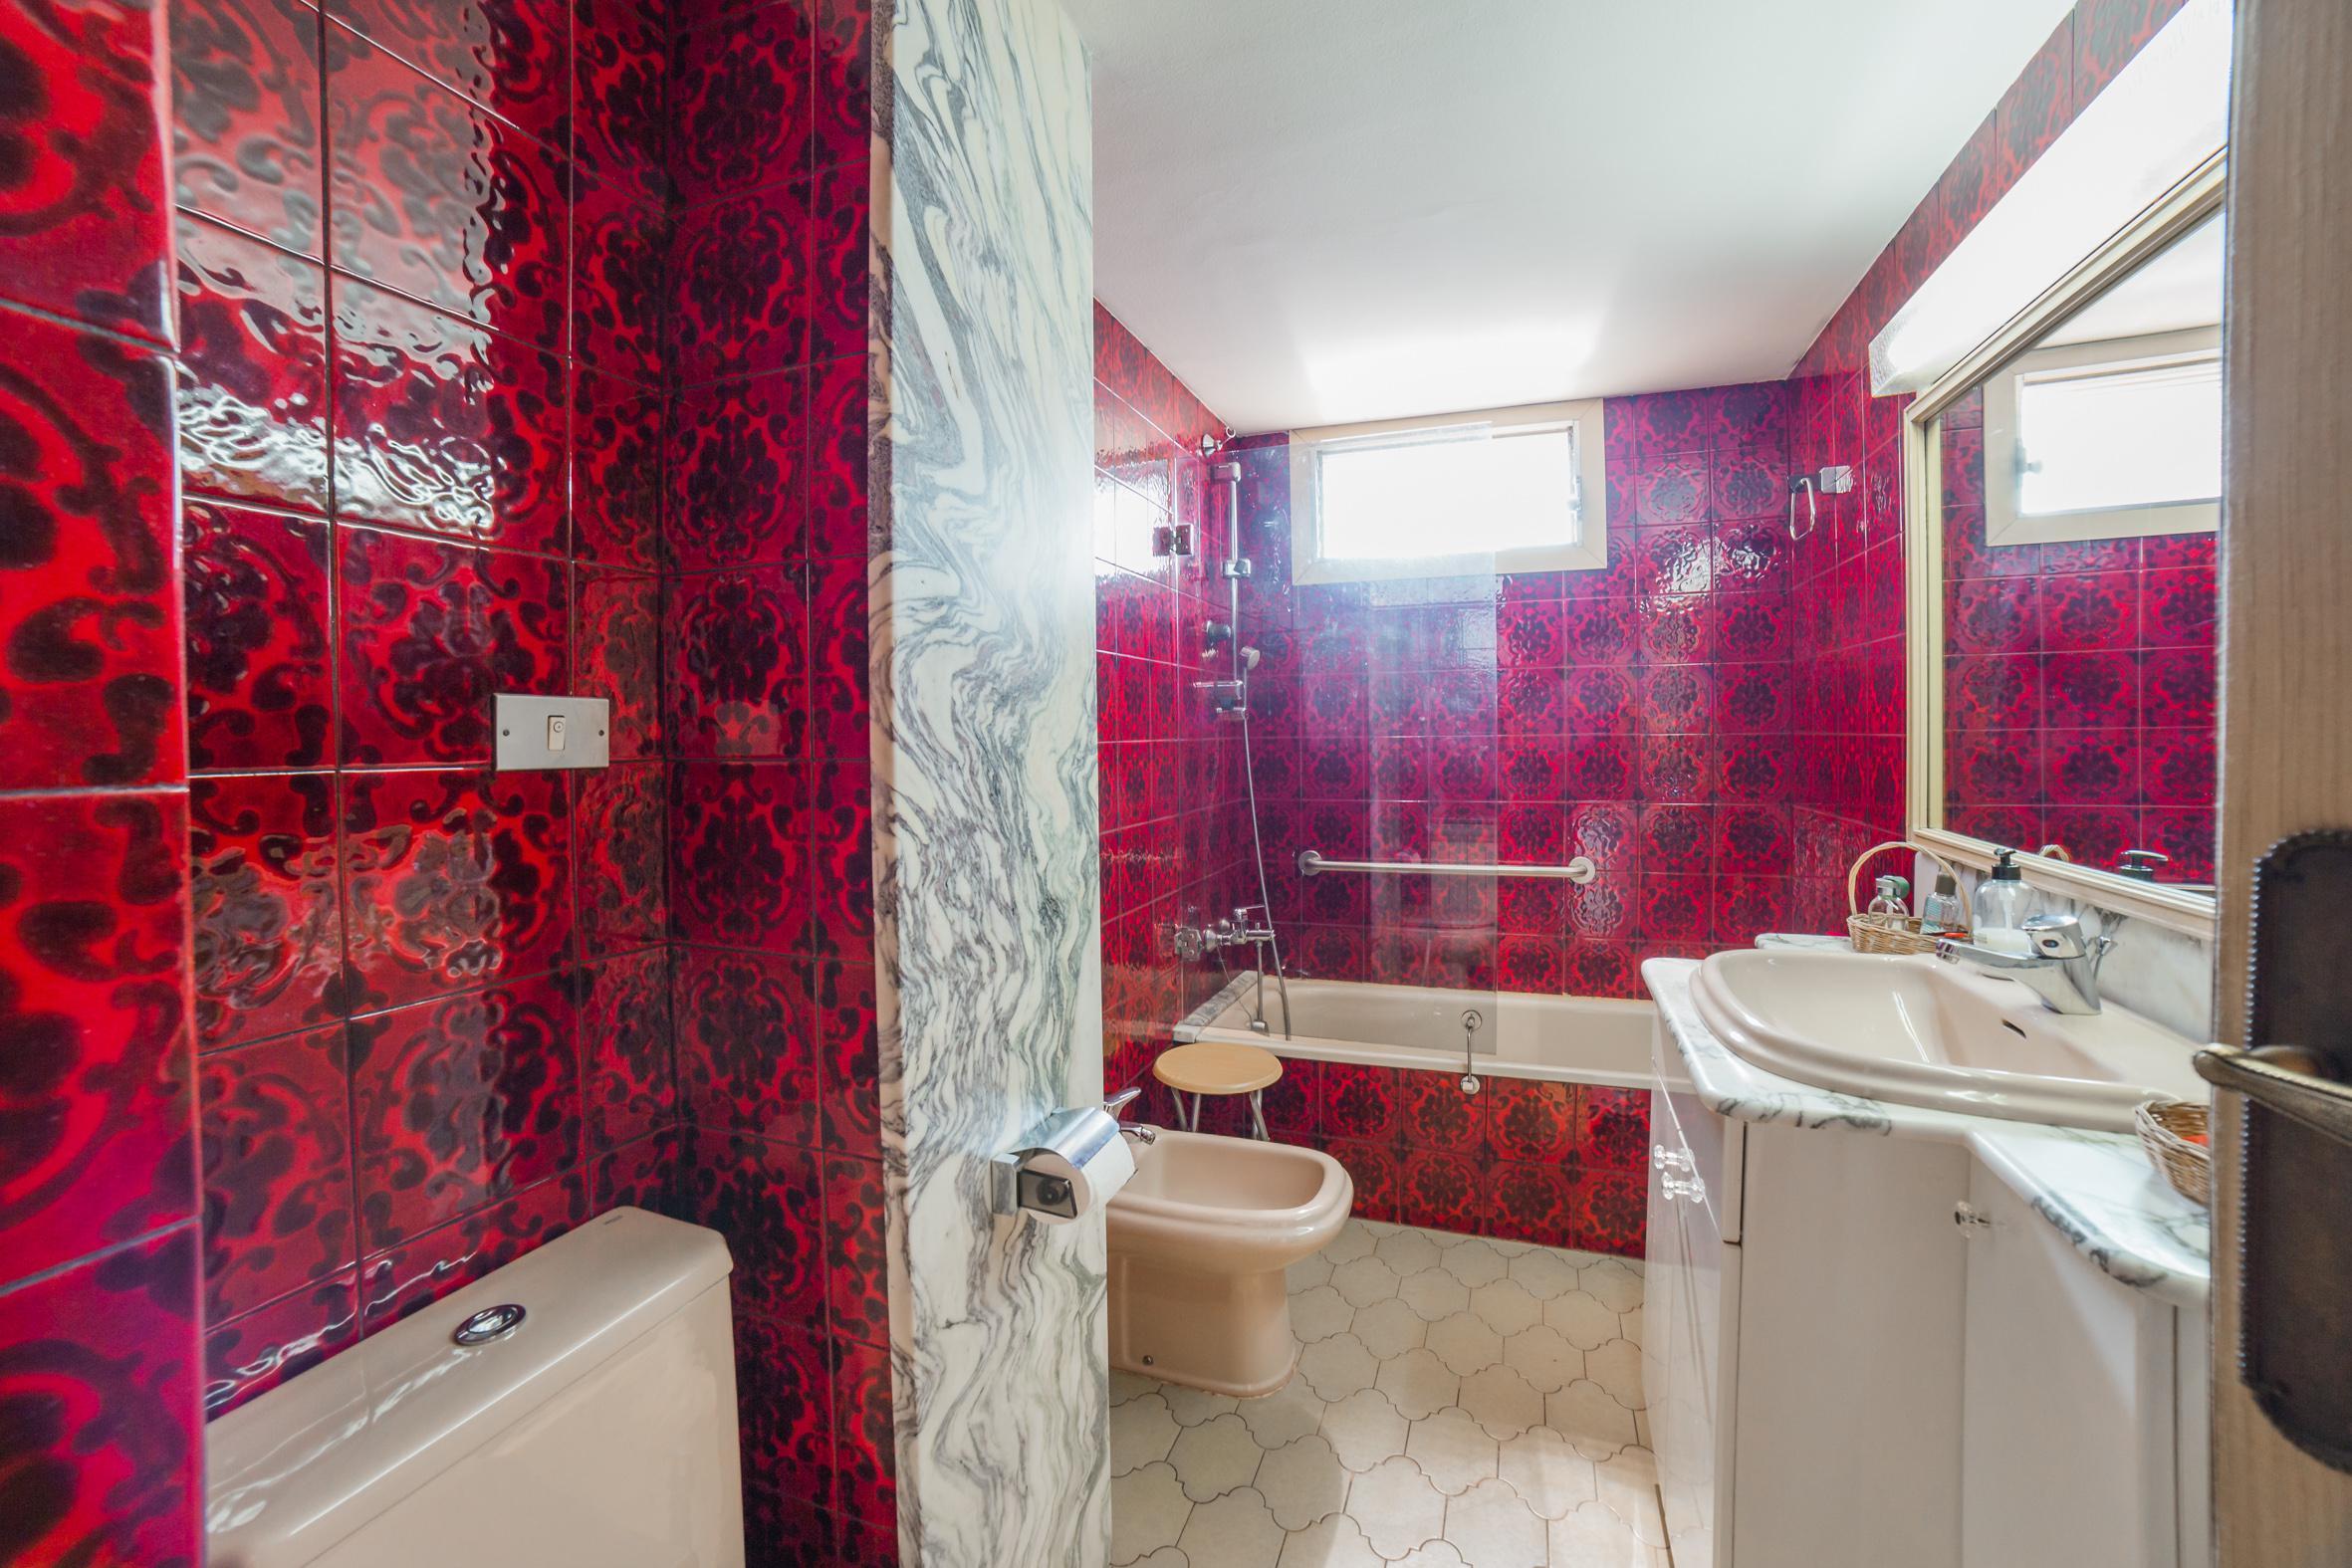 251036 Ático en venta en Horta-Guinardó, El Guinardó 11